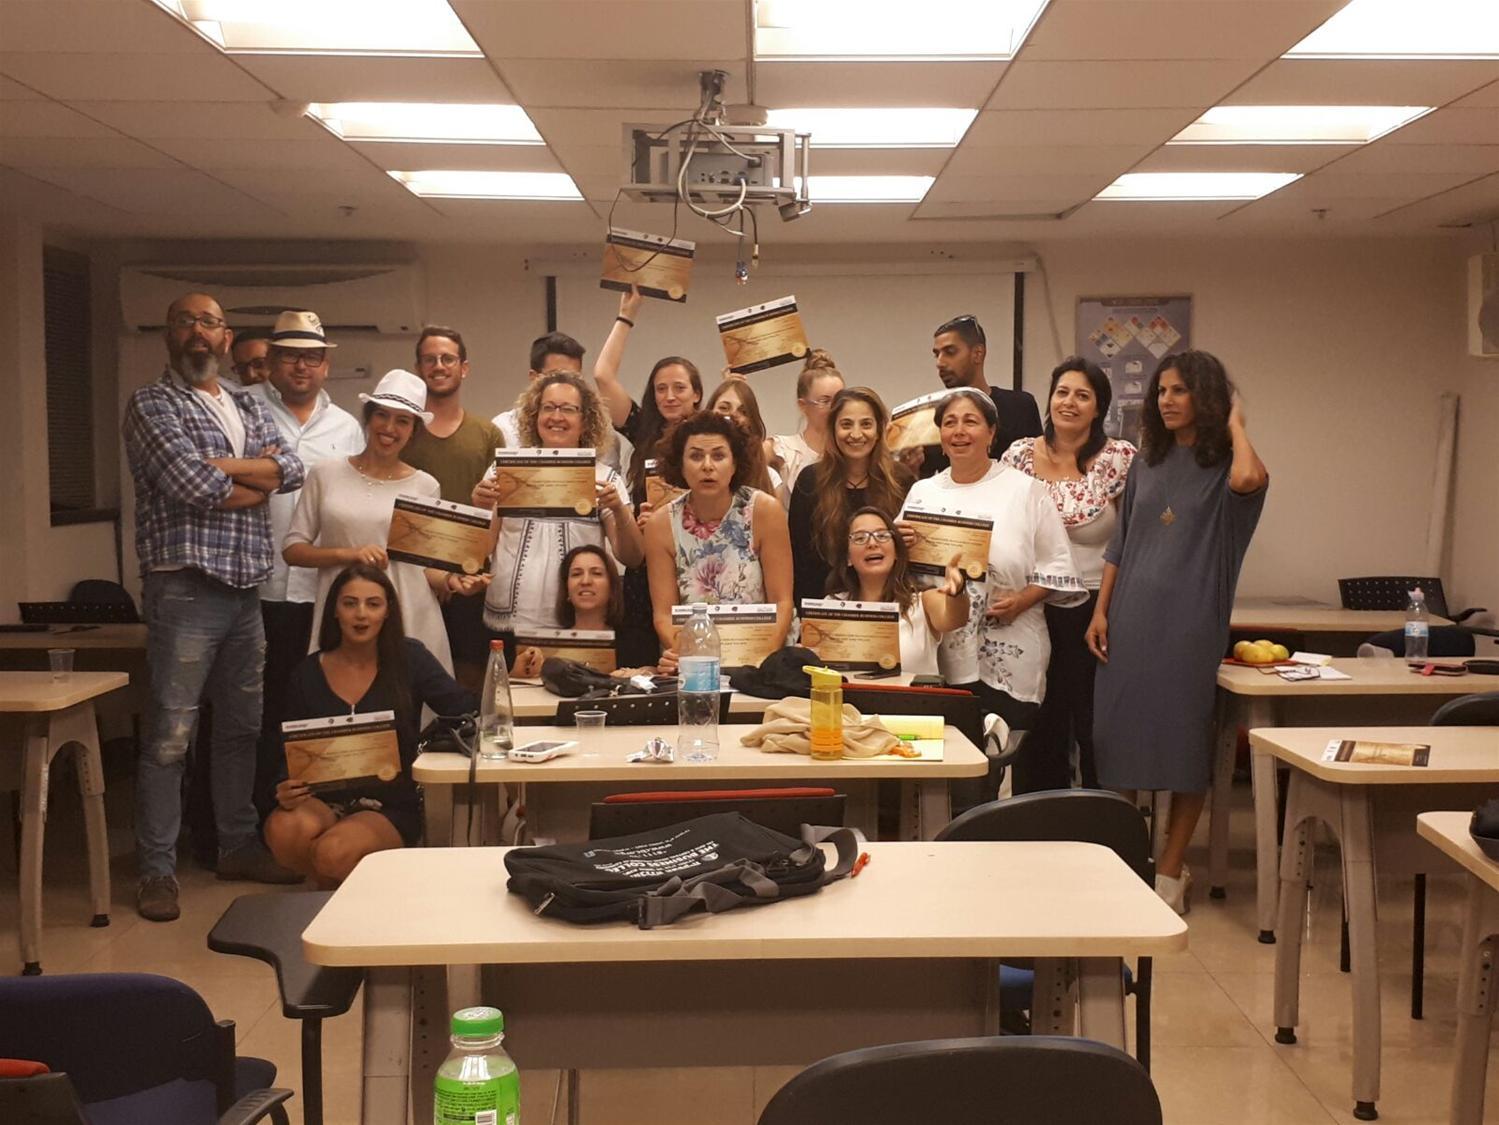 סיום קורס ניהול, עיצוב והפקת אירועים מחזור 16